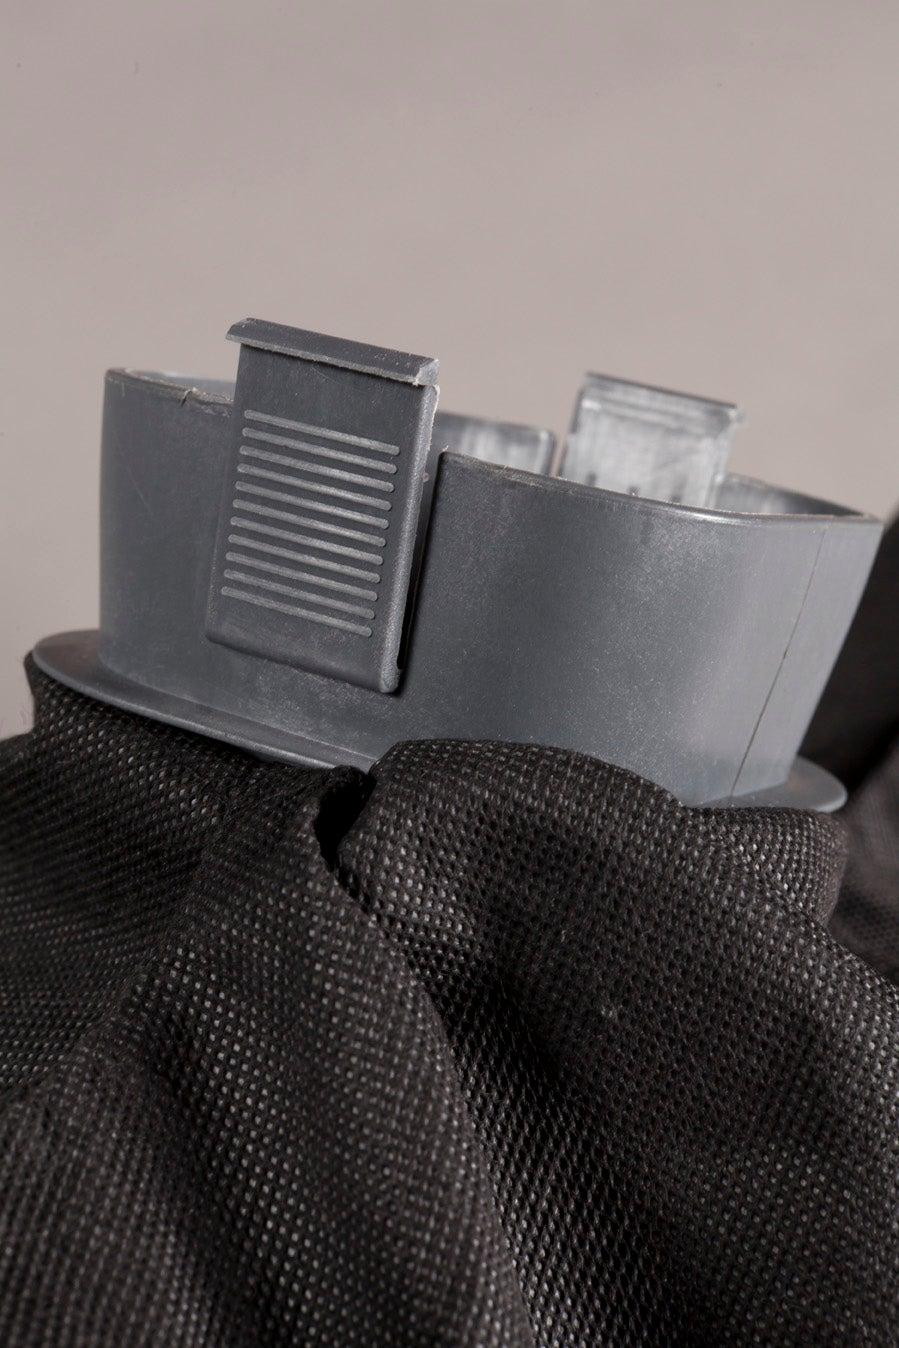 Aspirateur souffleur broyeur électrique STERWINS 3000 as 2